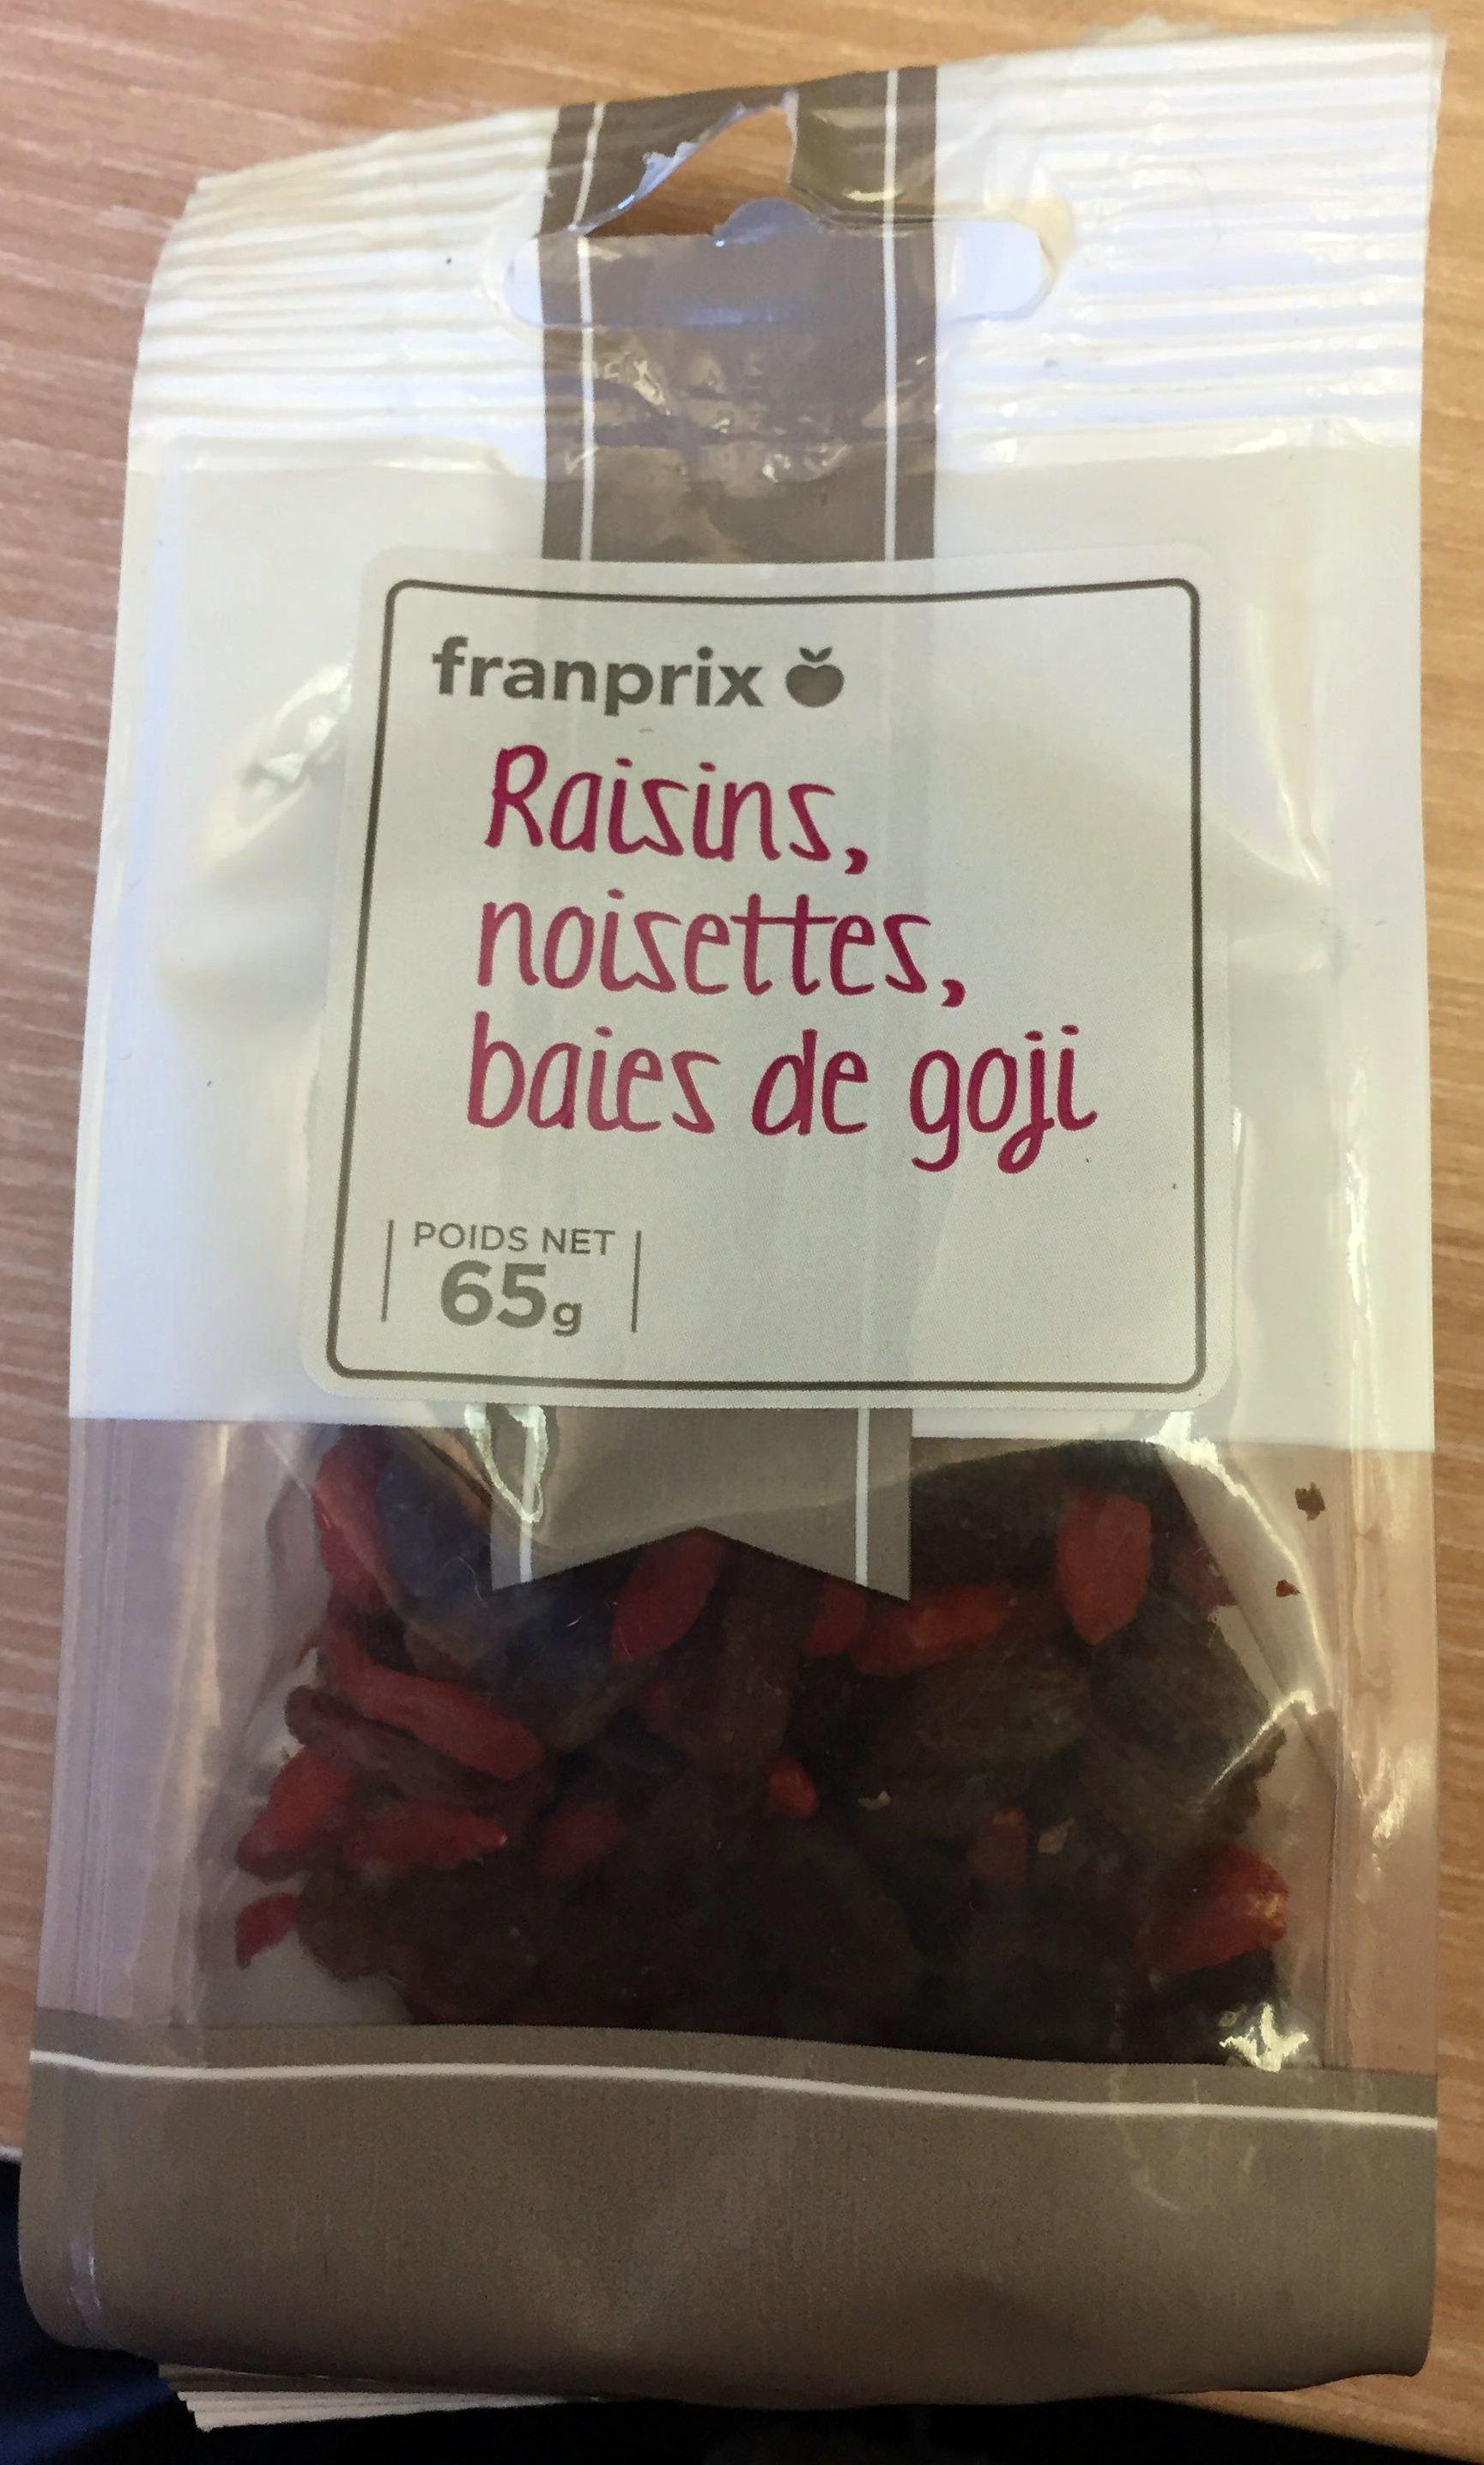 Raisins, Noisettes, Baies de Goji - Produit - fr